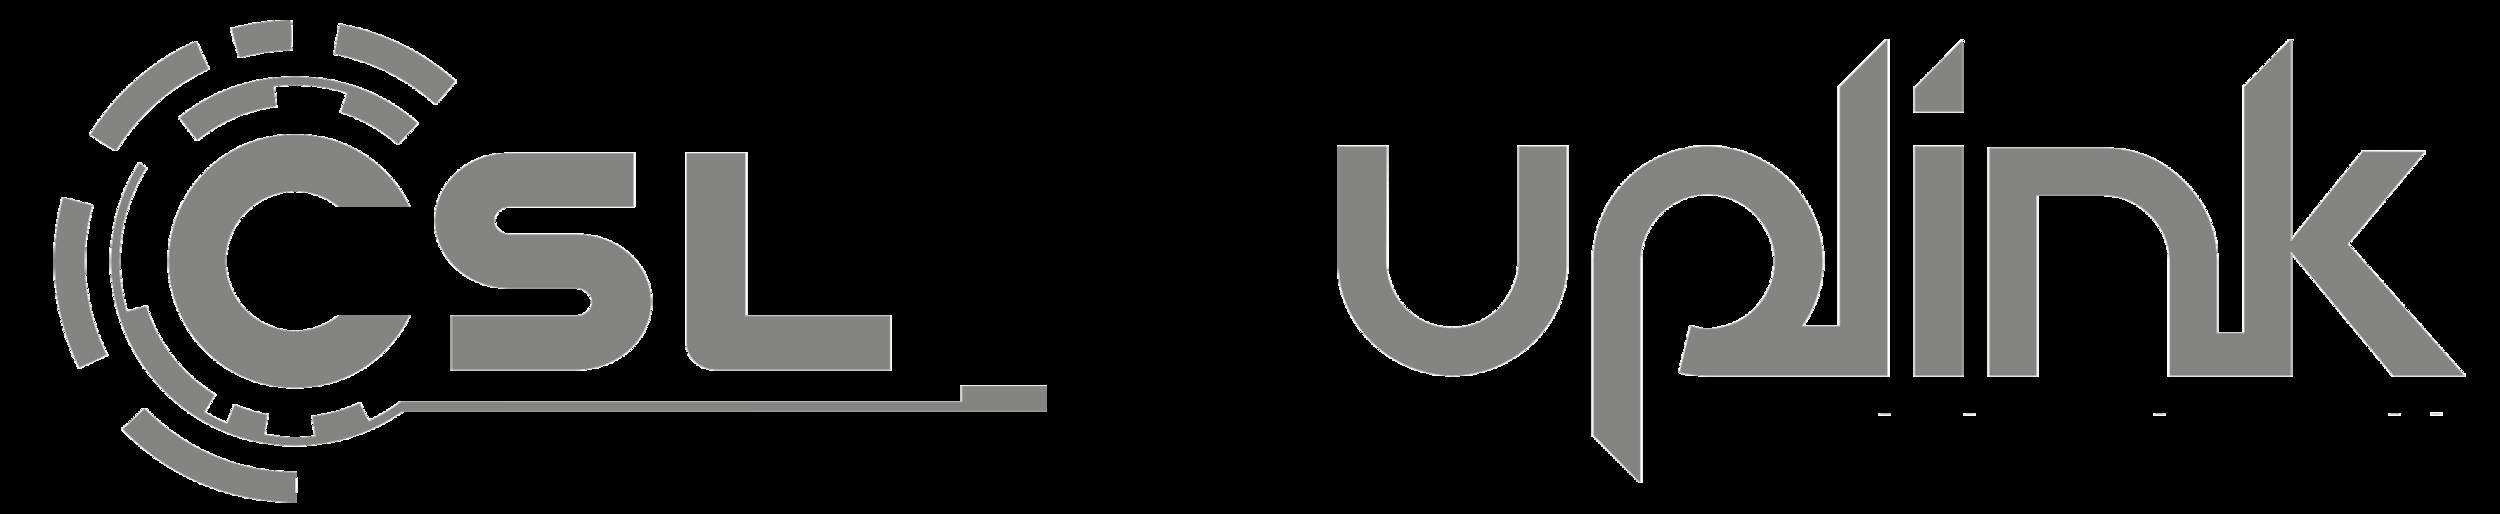 Unbenan2nt-1.png